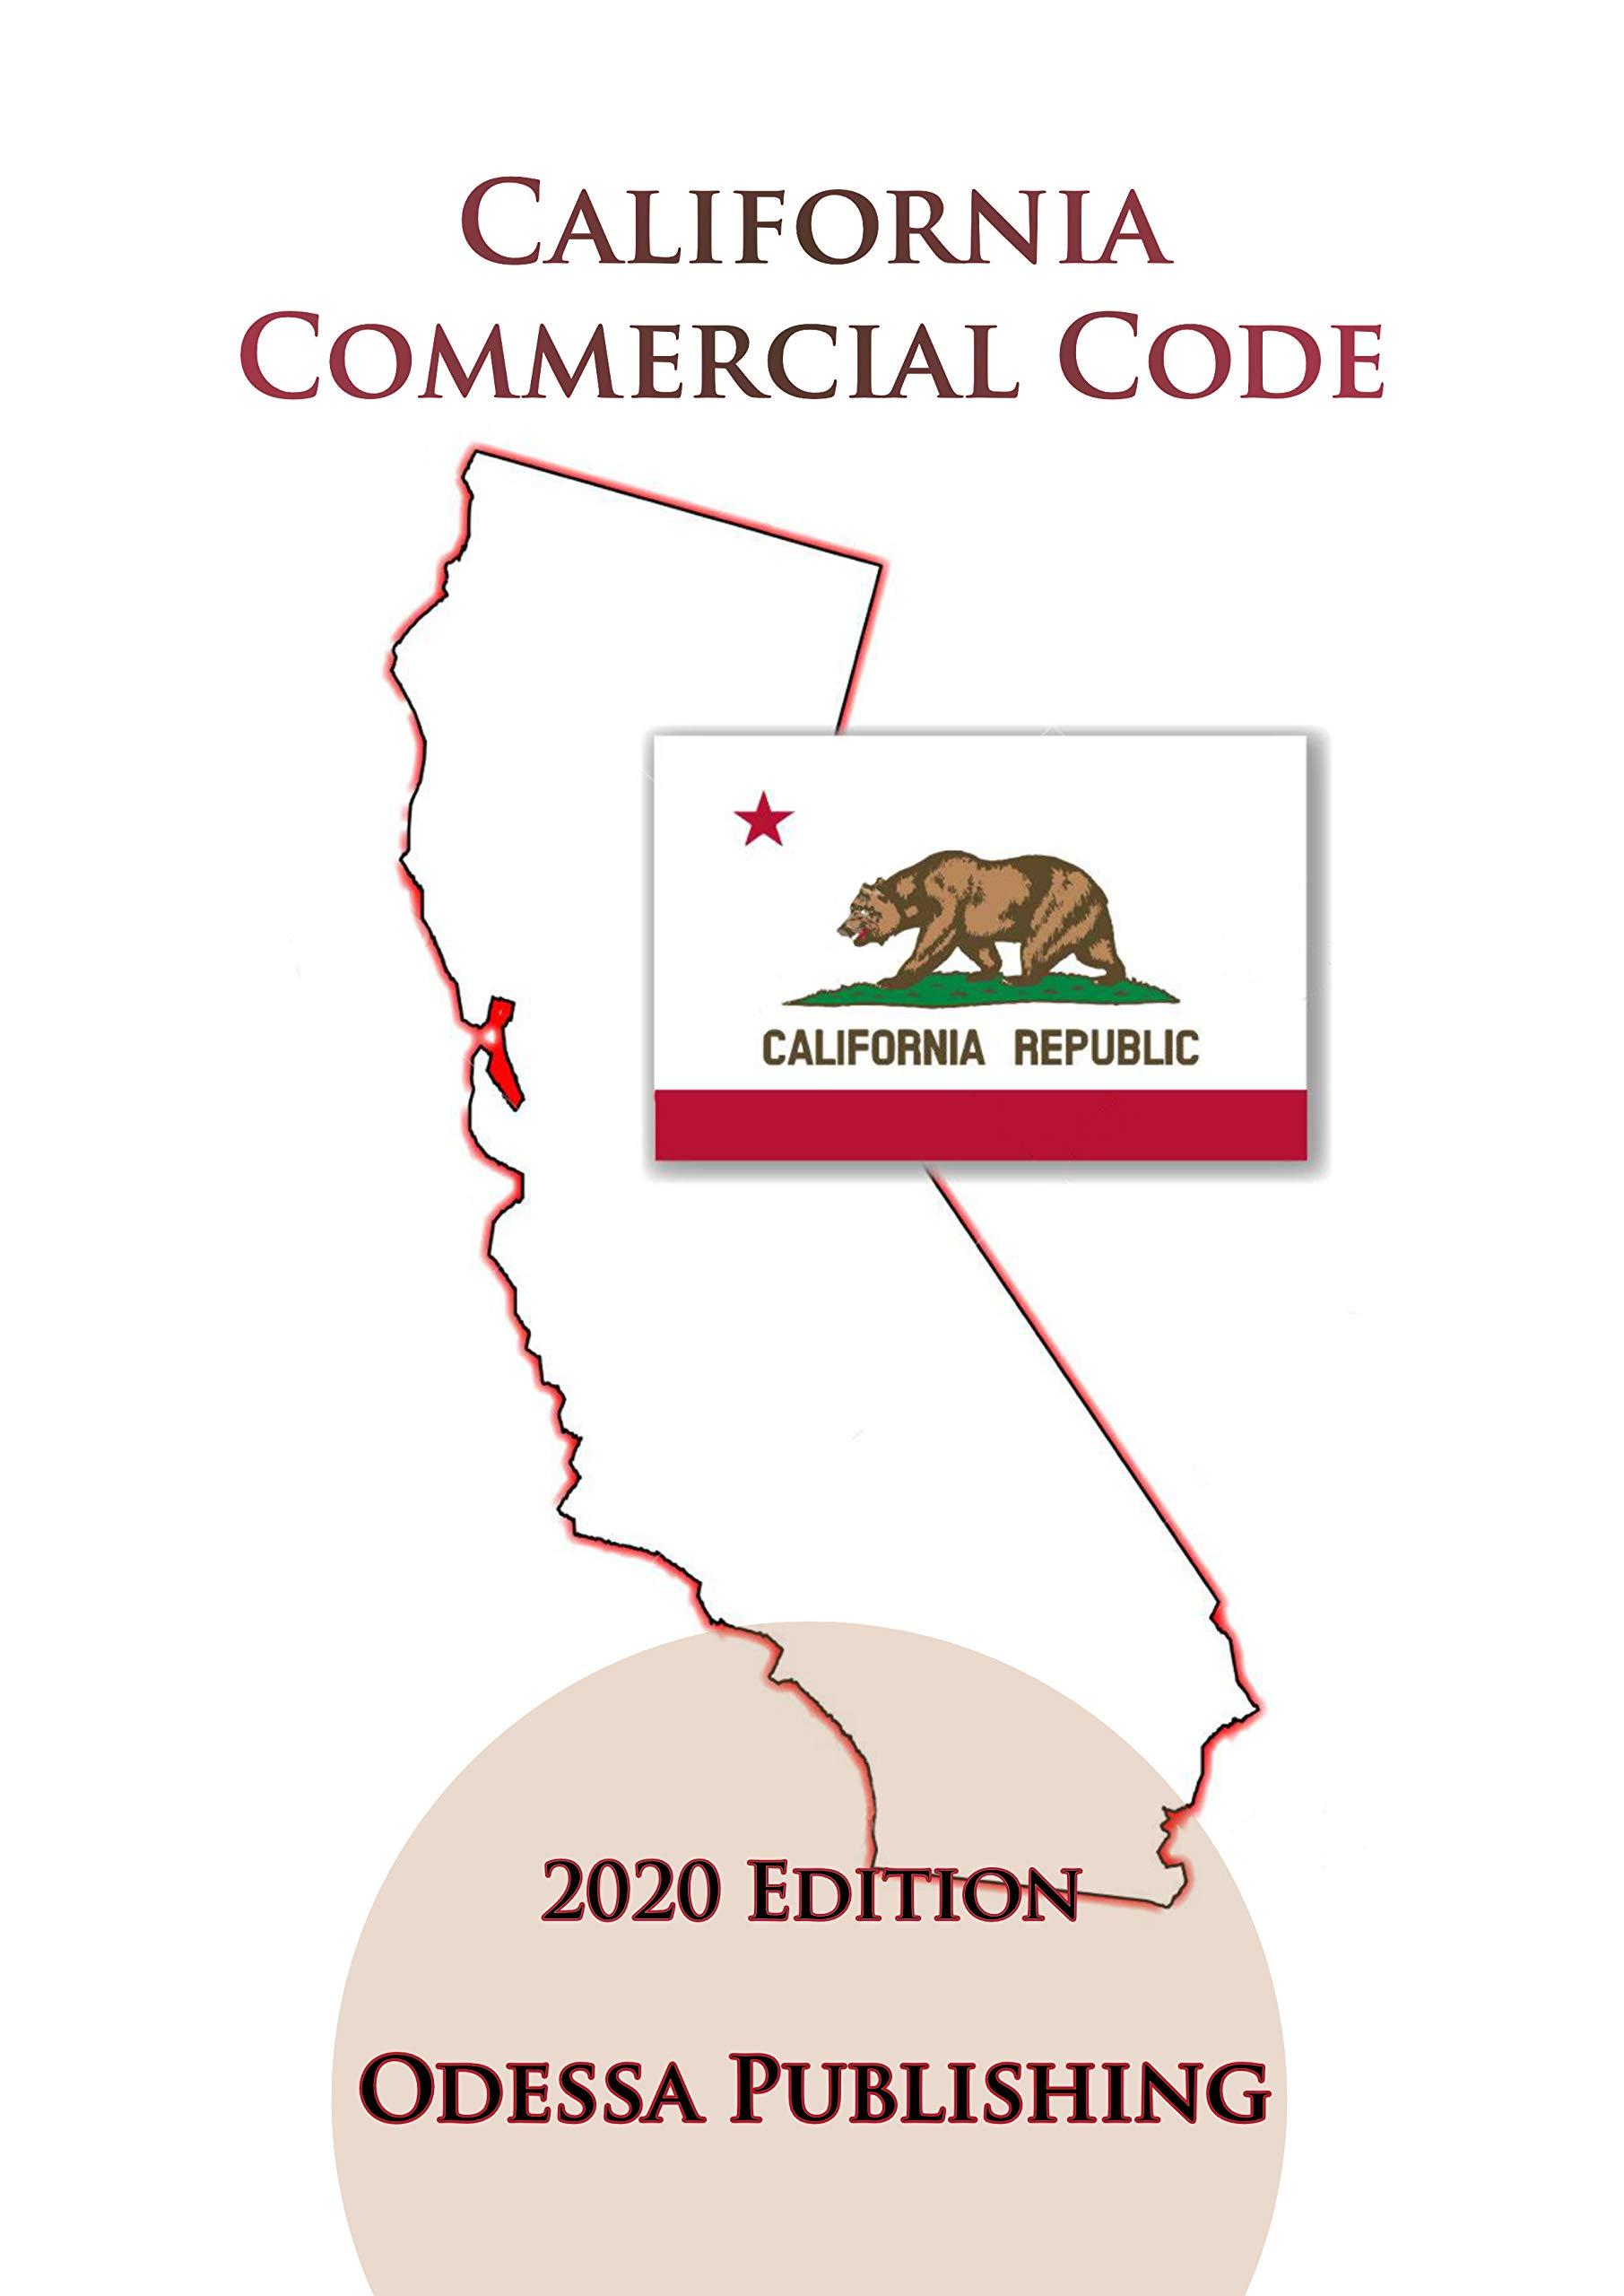 California Commercial Code 2020 Edition [COM]